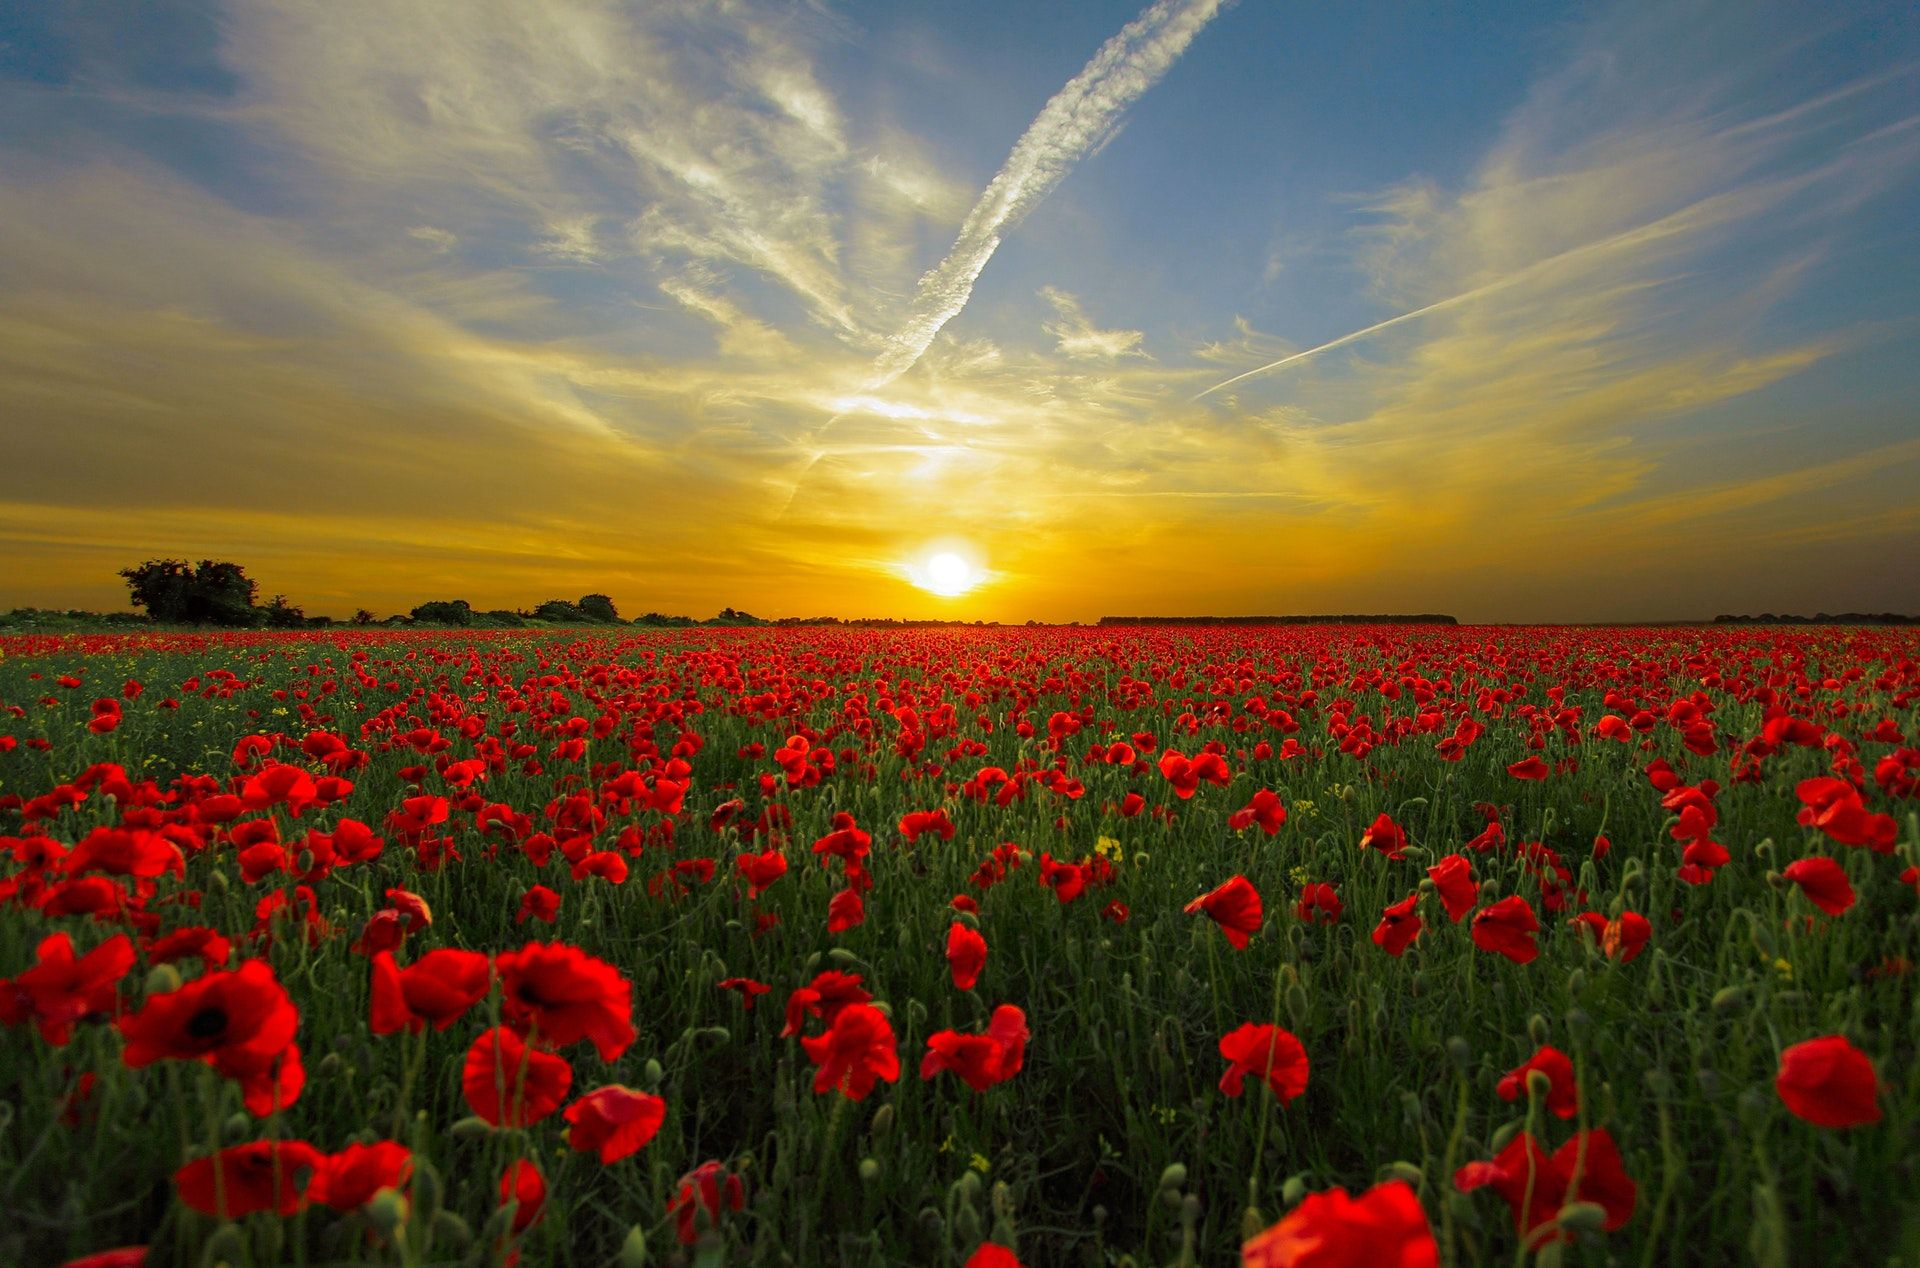 عکس زمینه دشت گل شقایق در غروب پس زمینه